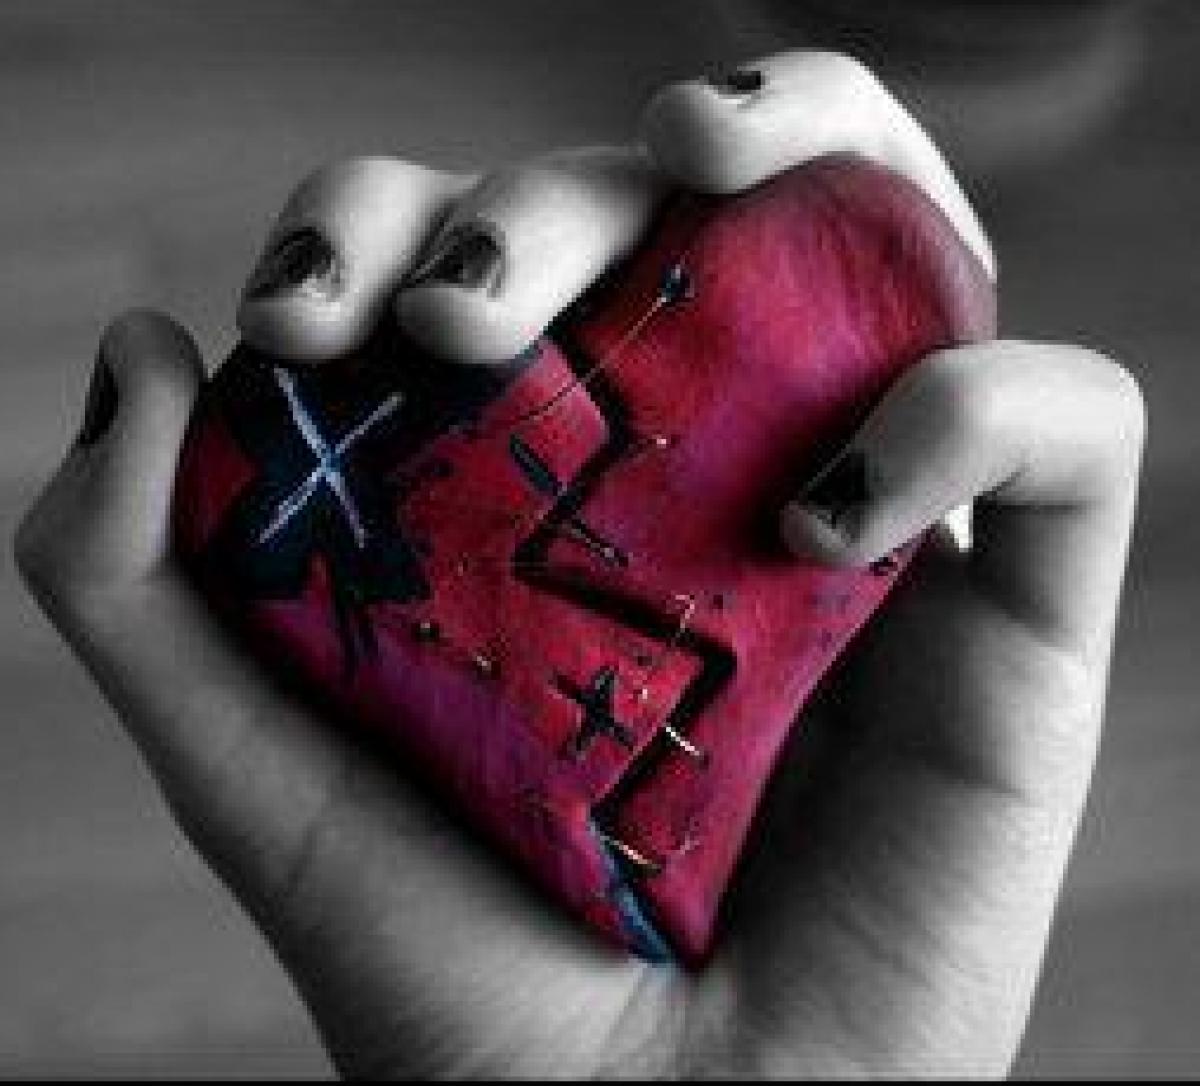 Έφυγε και πήρε μαζί του όλη την αγάπη μου…